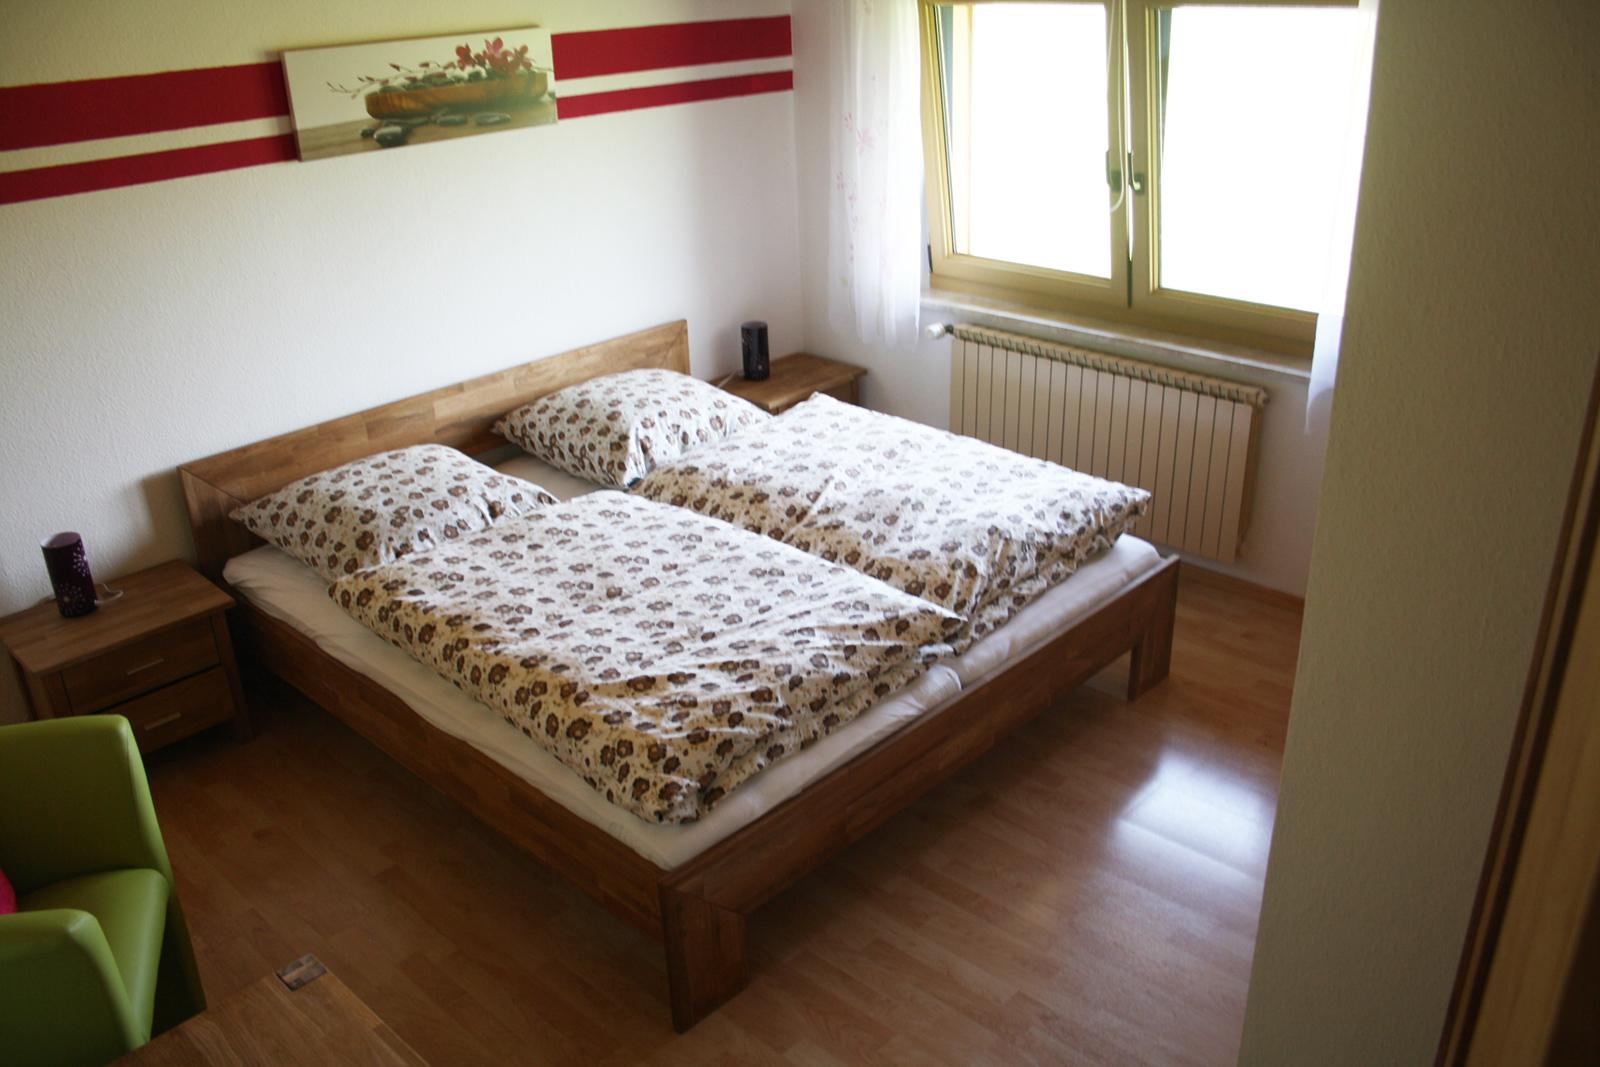 Doppelbettzimmer im Haus Anny neu gestaltet mit Blick auf den Wald in ruhiger Lage